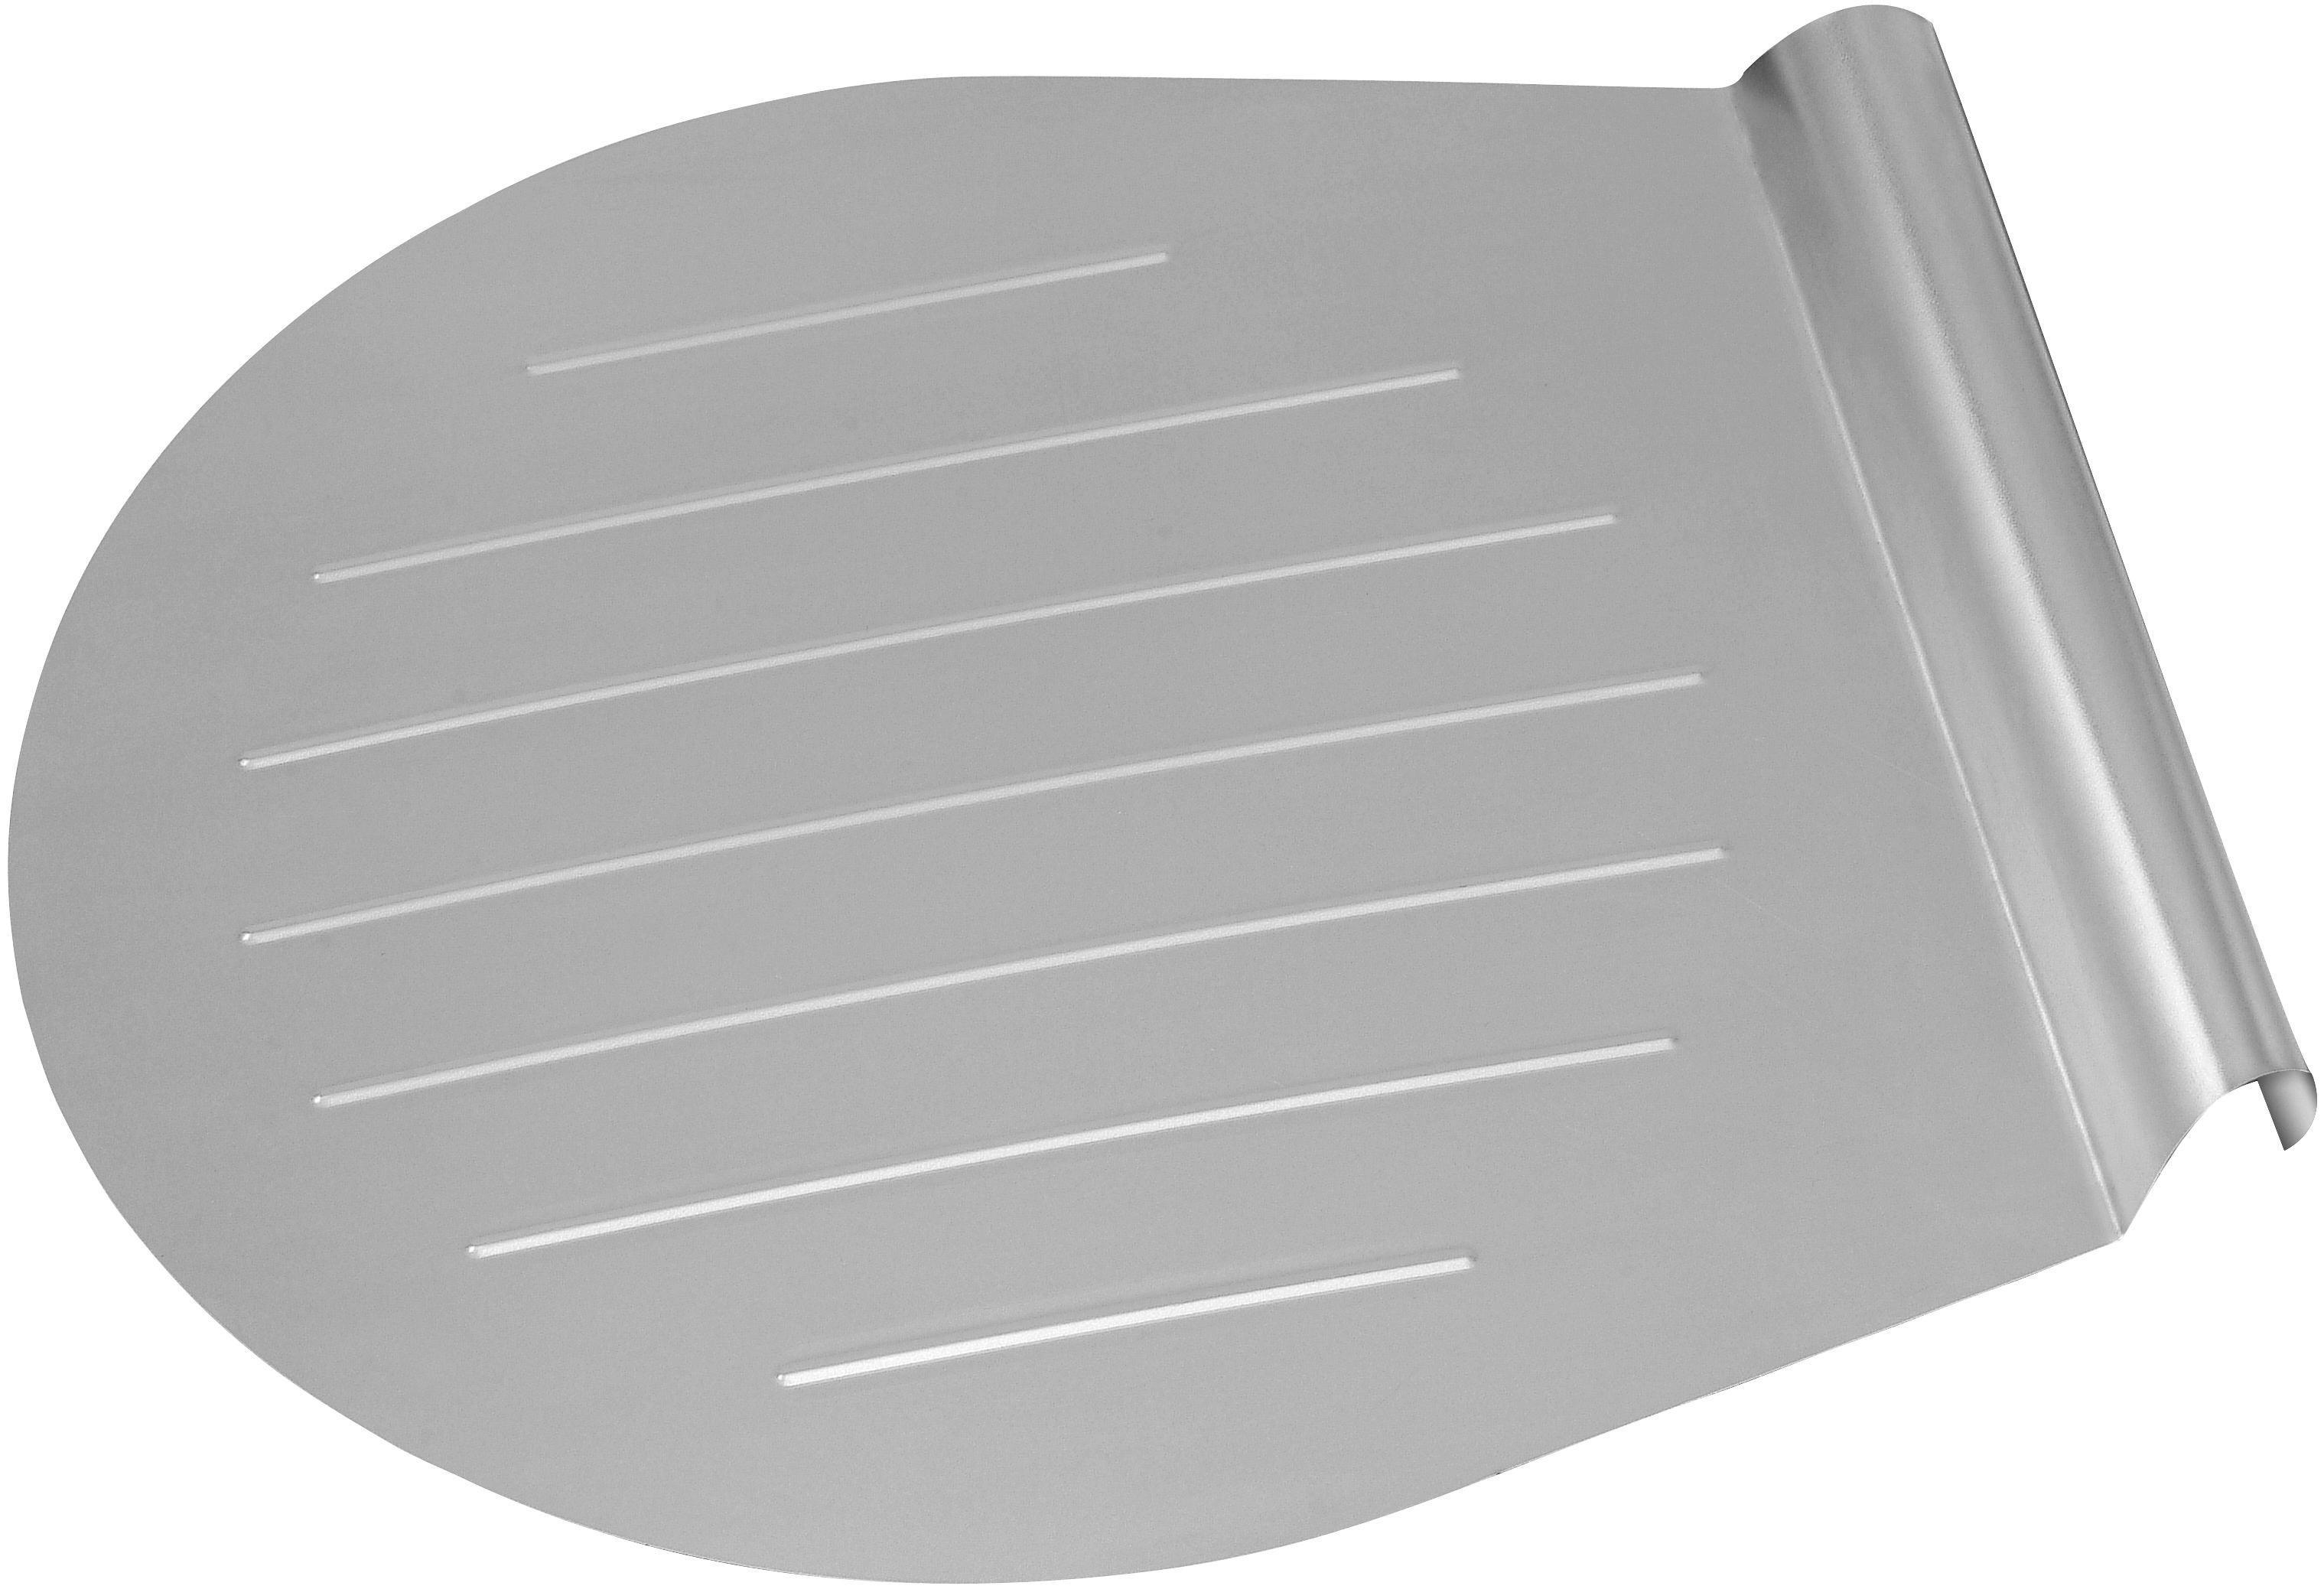 TORTENPLATTE - Silberfarben, Metall (28/30cm)